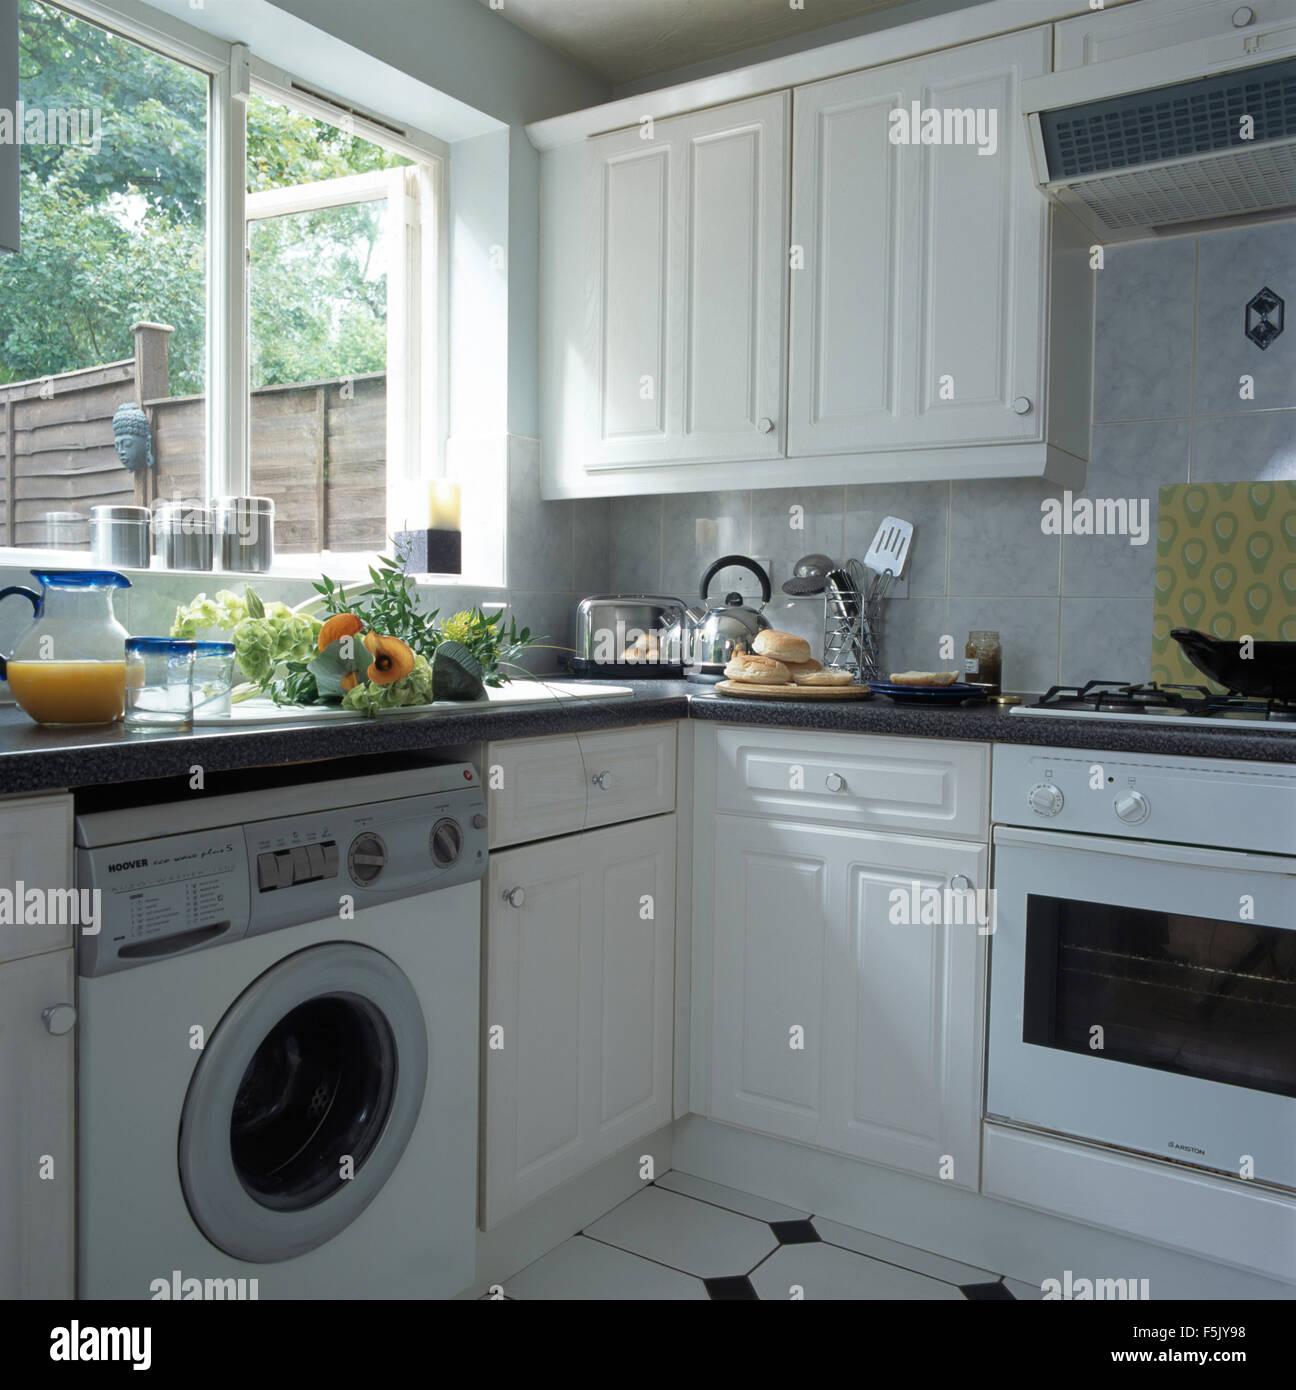 waschmaschine unter fenster in einer kleinen wei en wirtschaft stil k che ausgestattet stockfoto. Black Bedroom Furniture Sets. Home Design Ideas